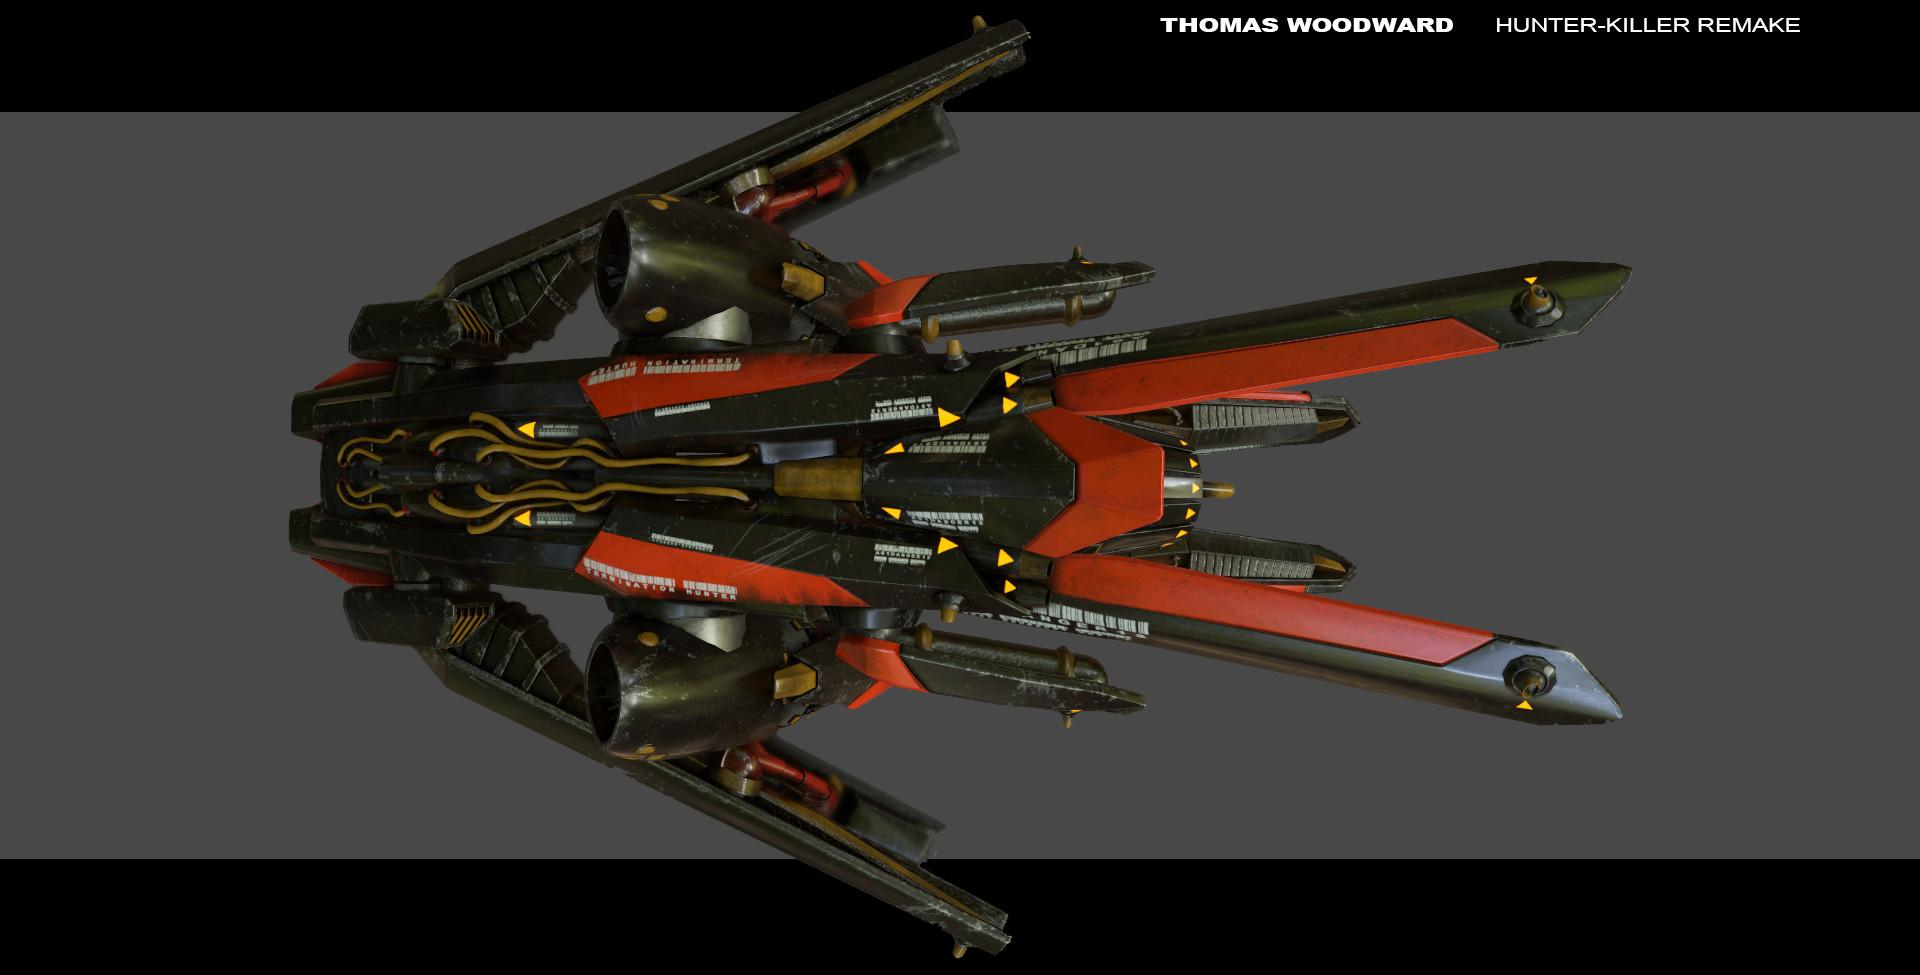 Thomas woodward 01